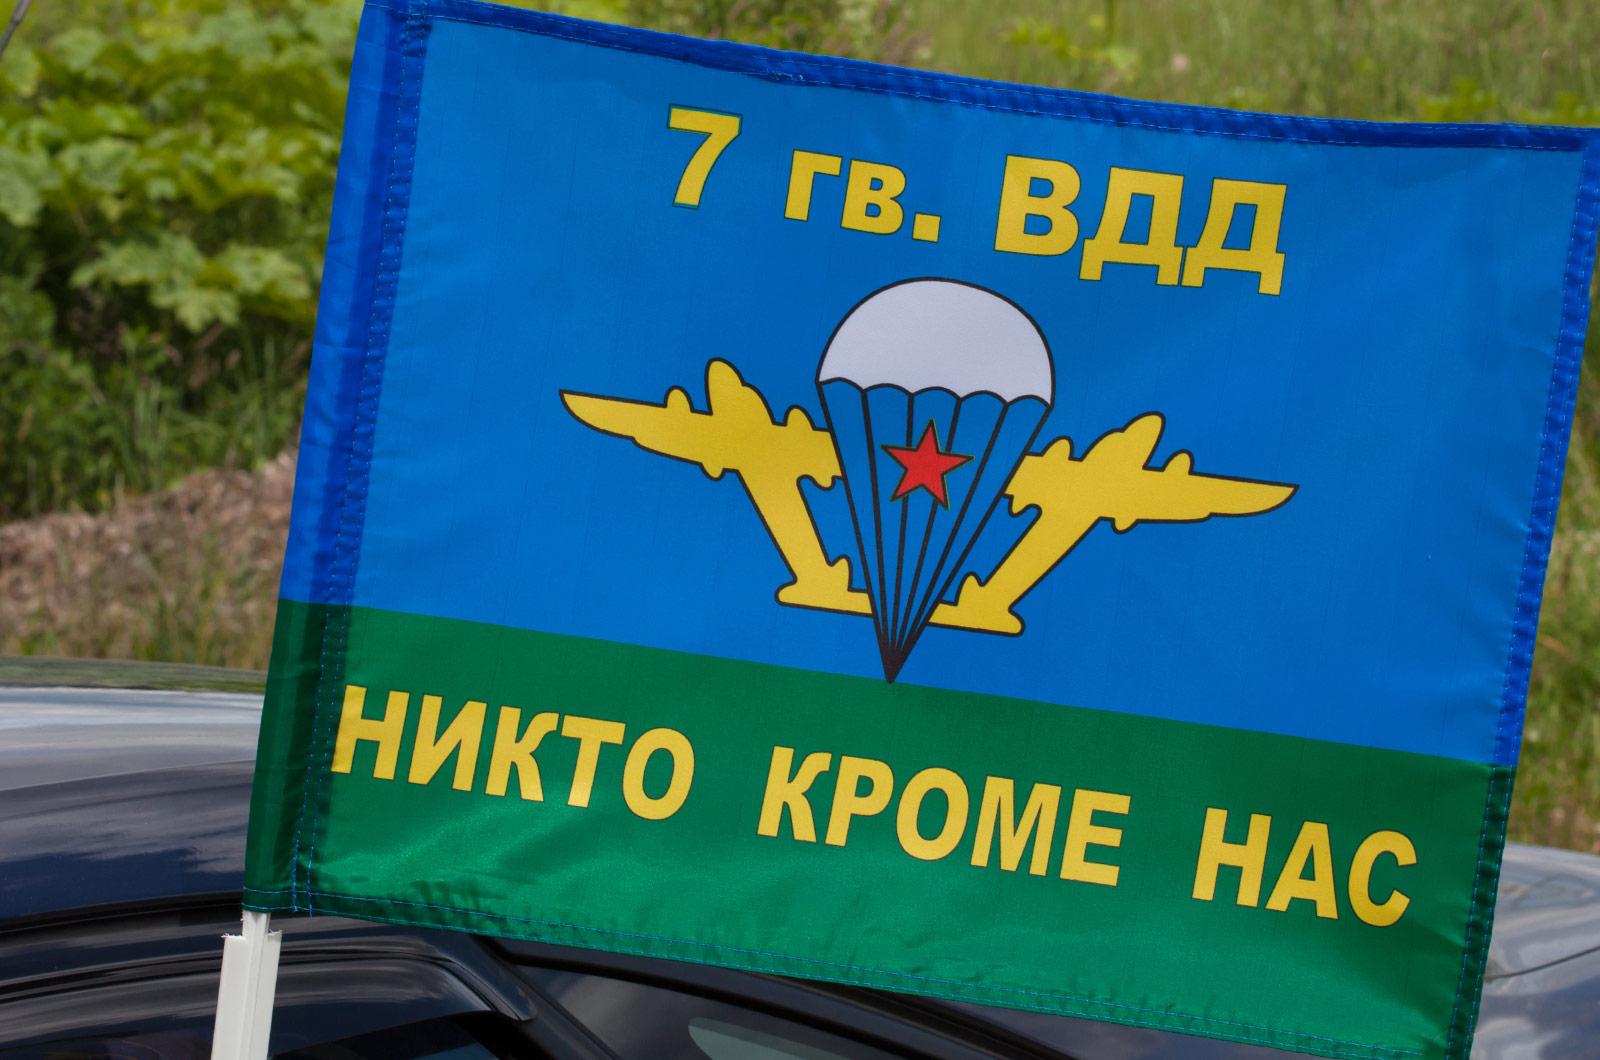 Флаг ВДВ 7 гв ВДД